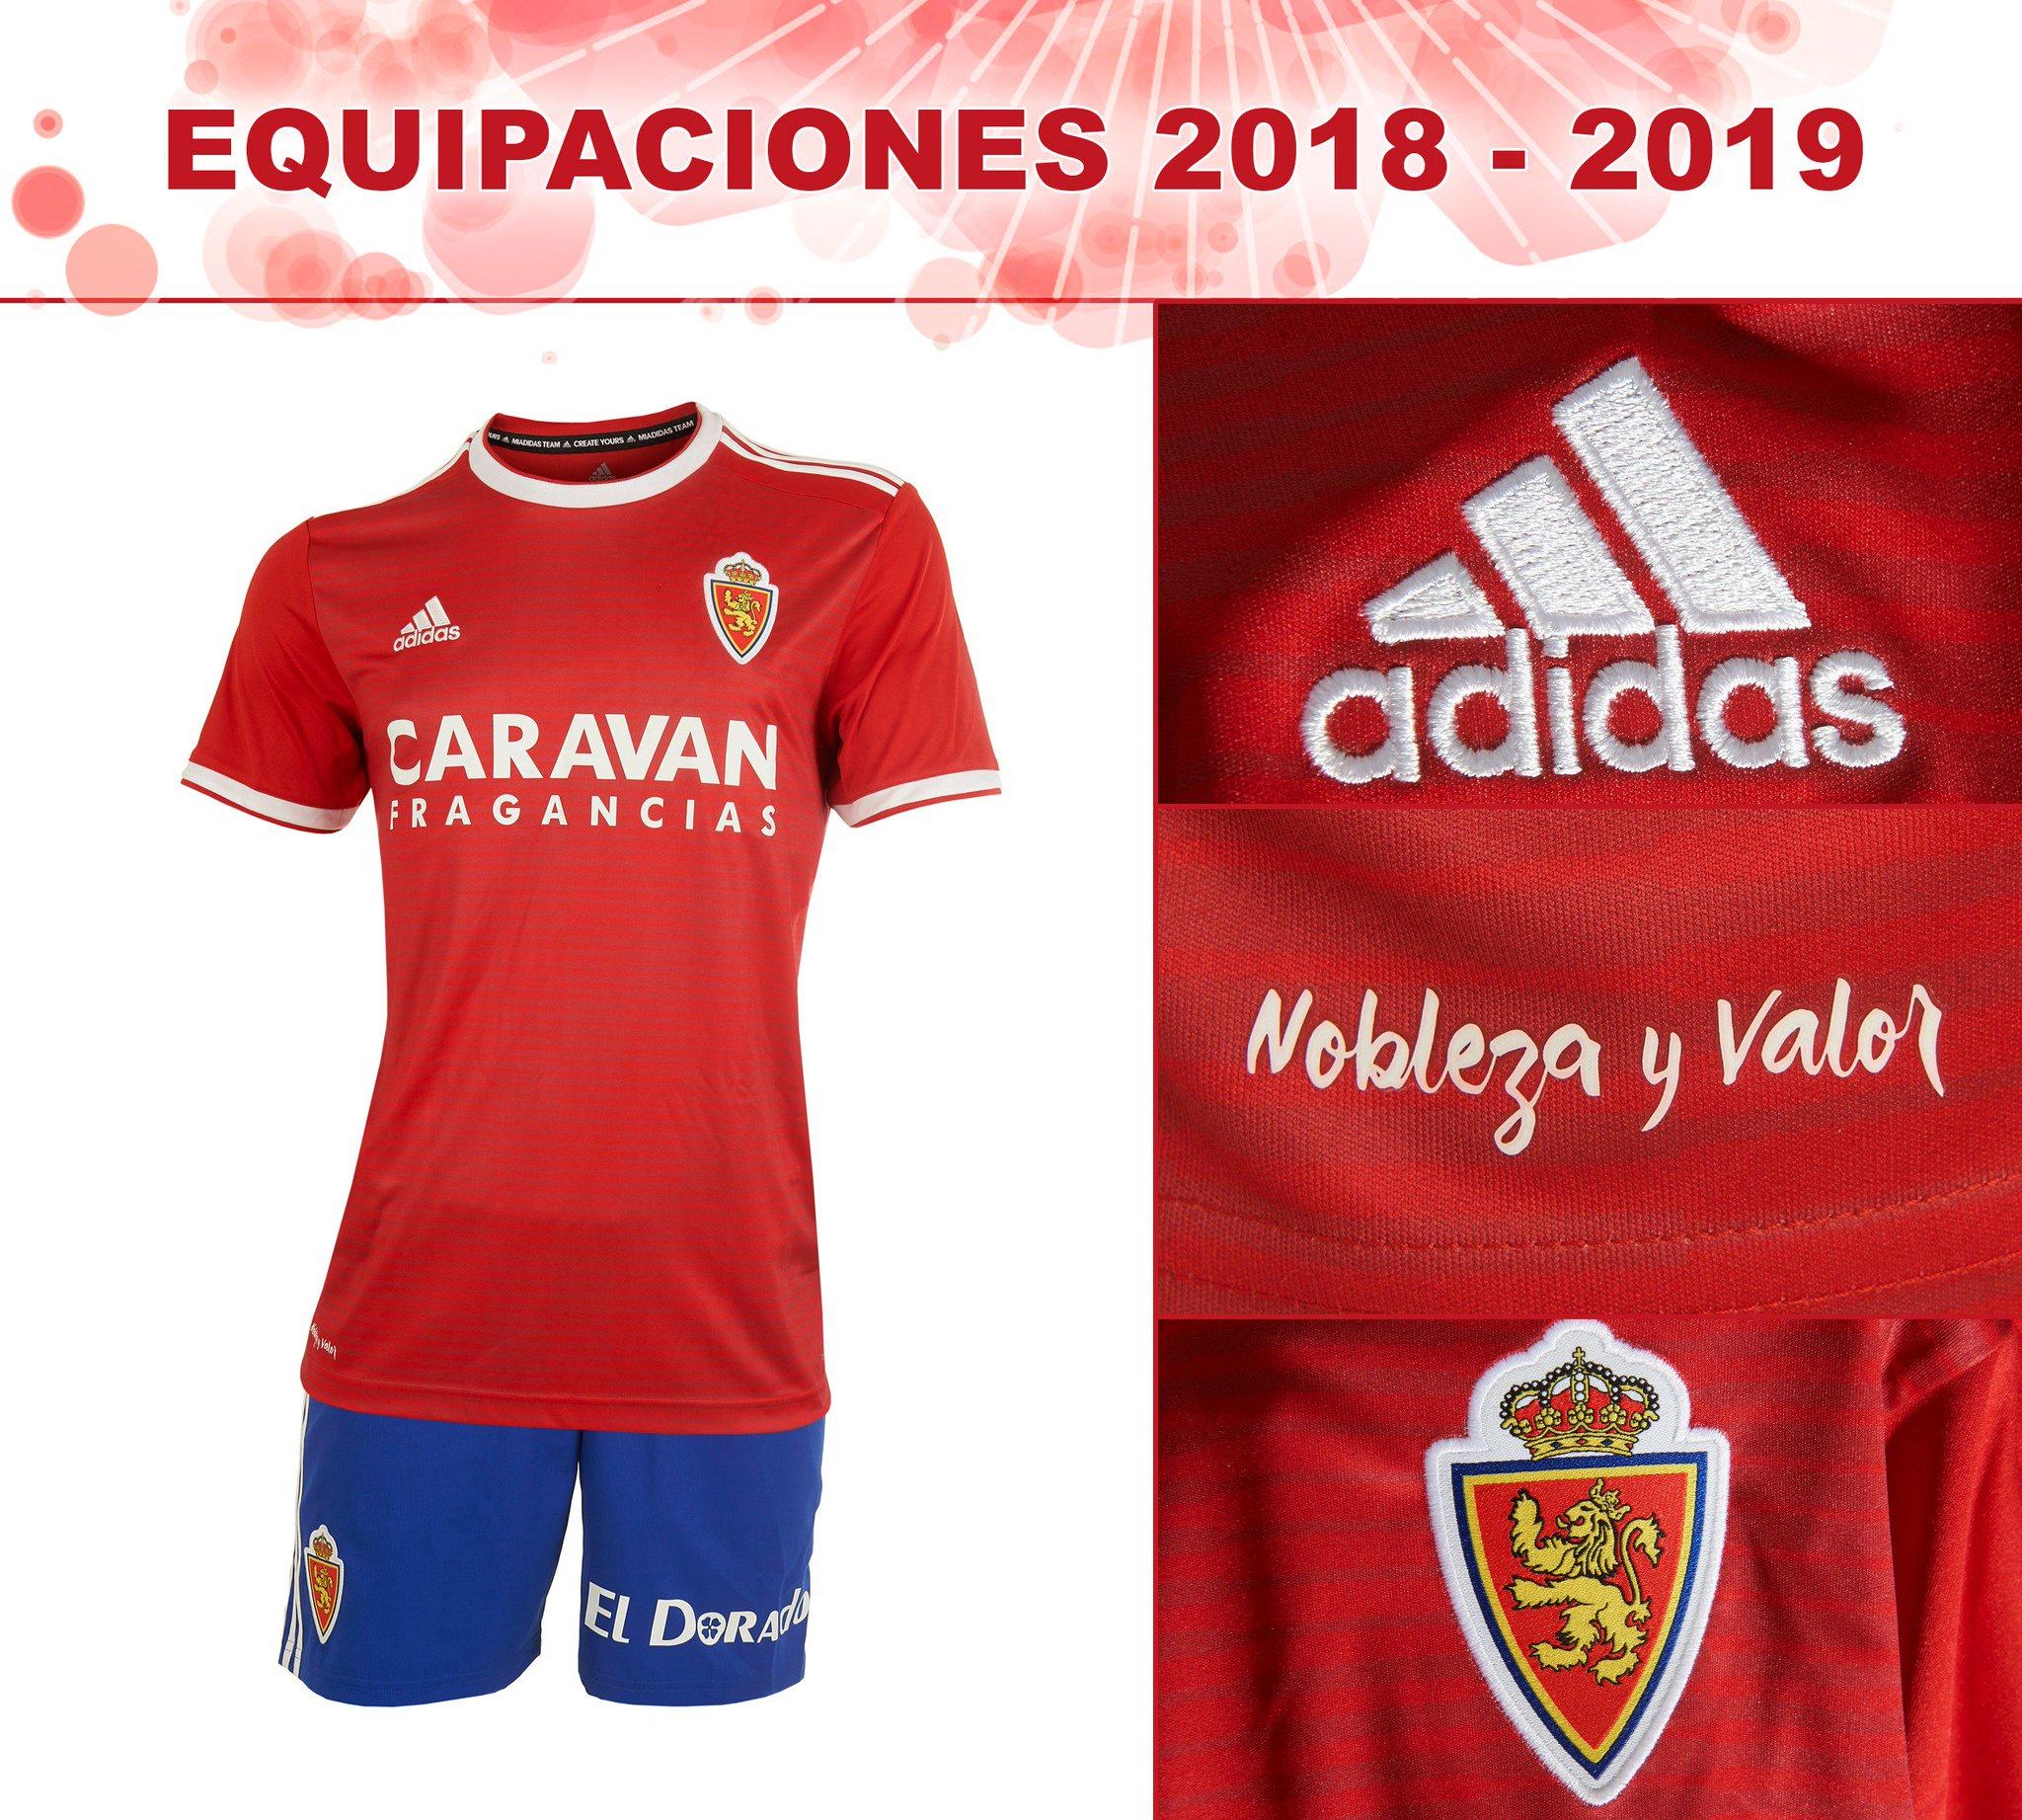 Así son las equipaciones del Real Zaragoza 2018 2019